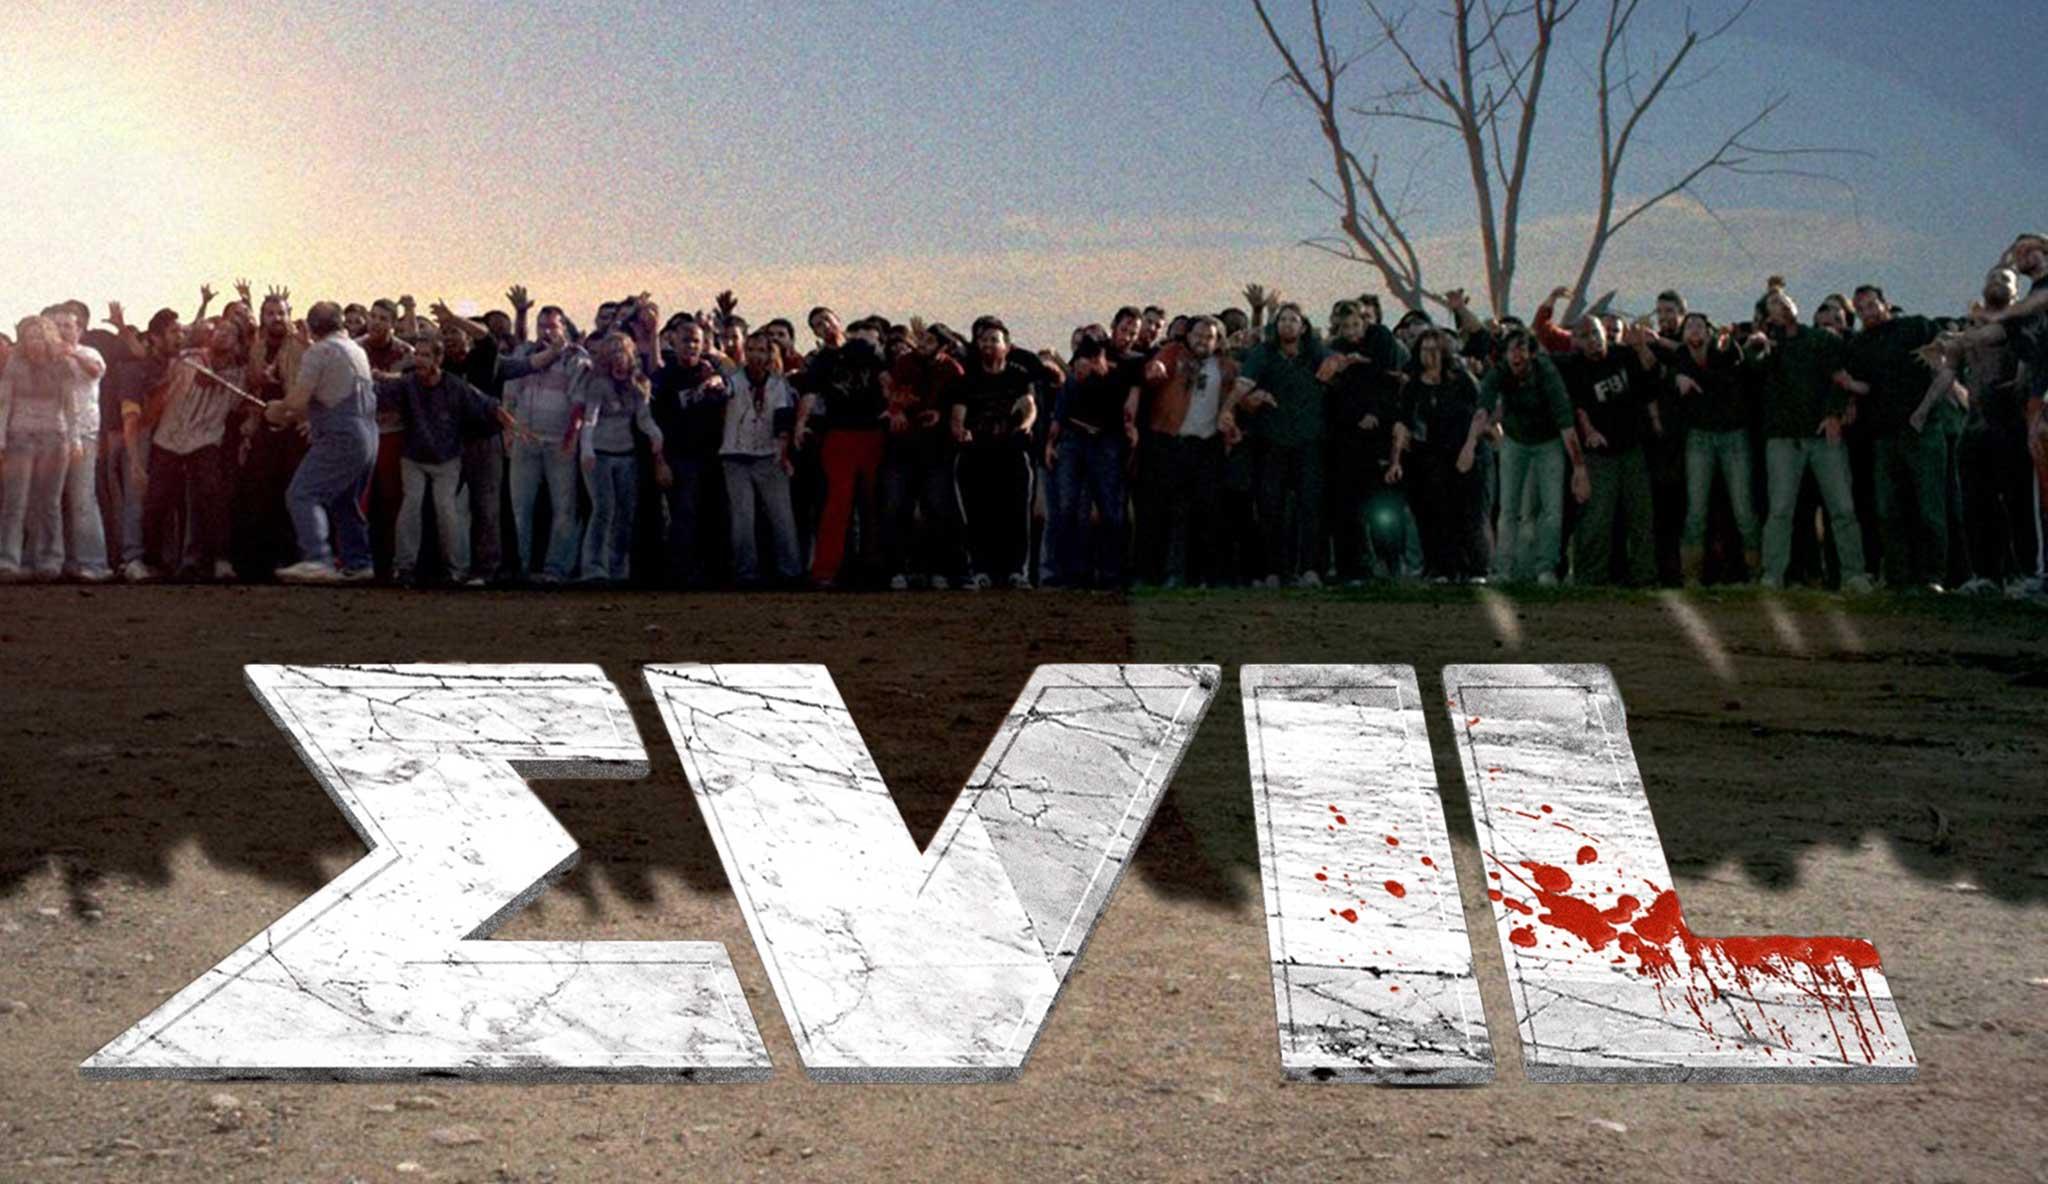 evil-to-kako\header.jpg